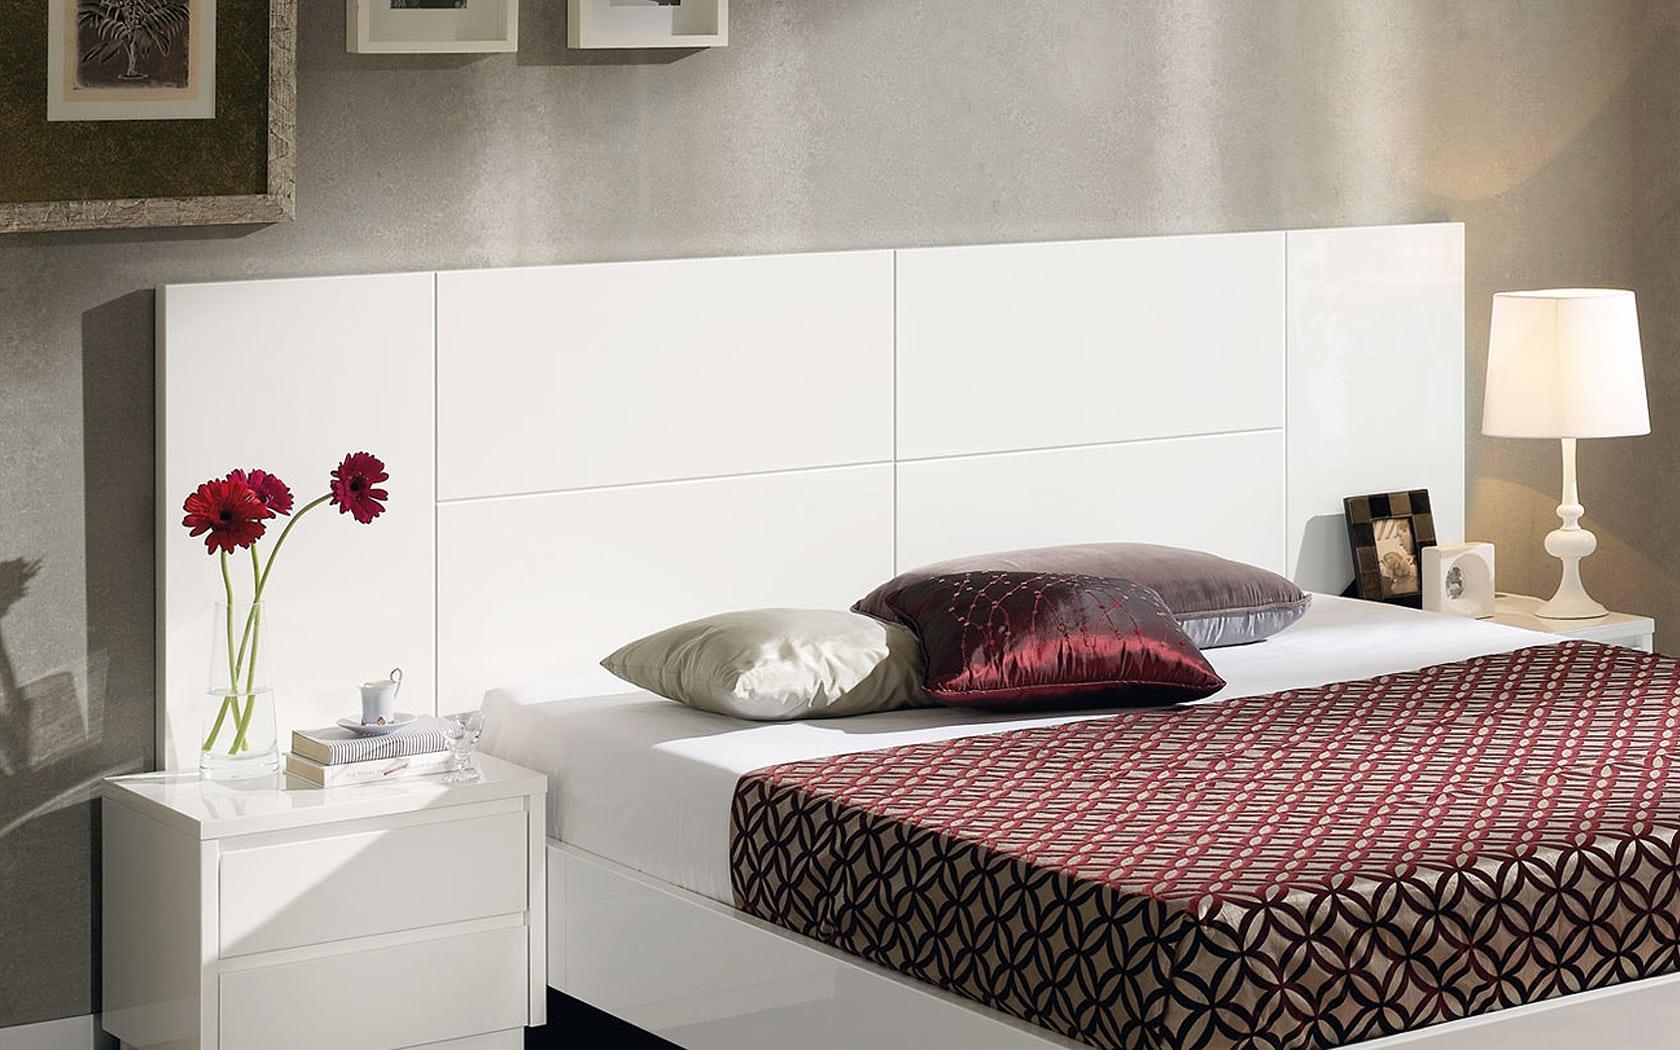 Cabeceros de cama elegantes y originales - Cabecero con fotos ...